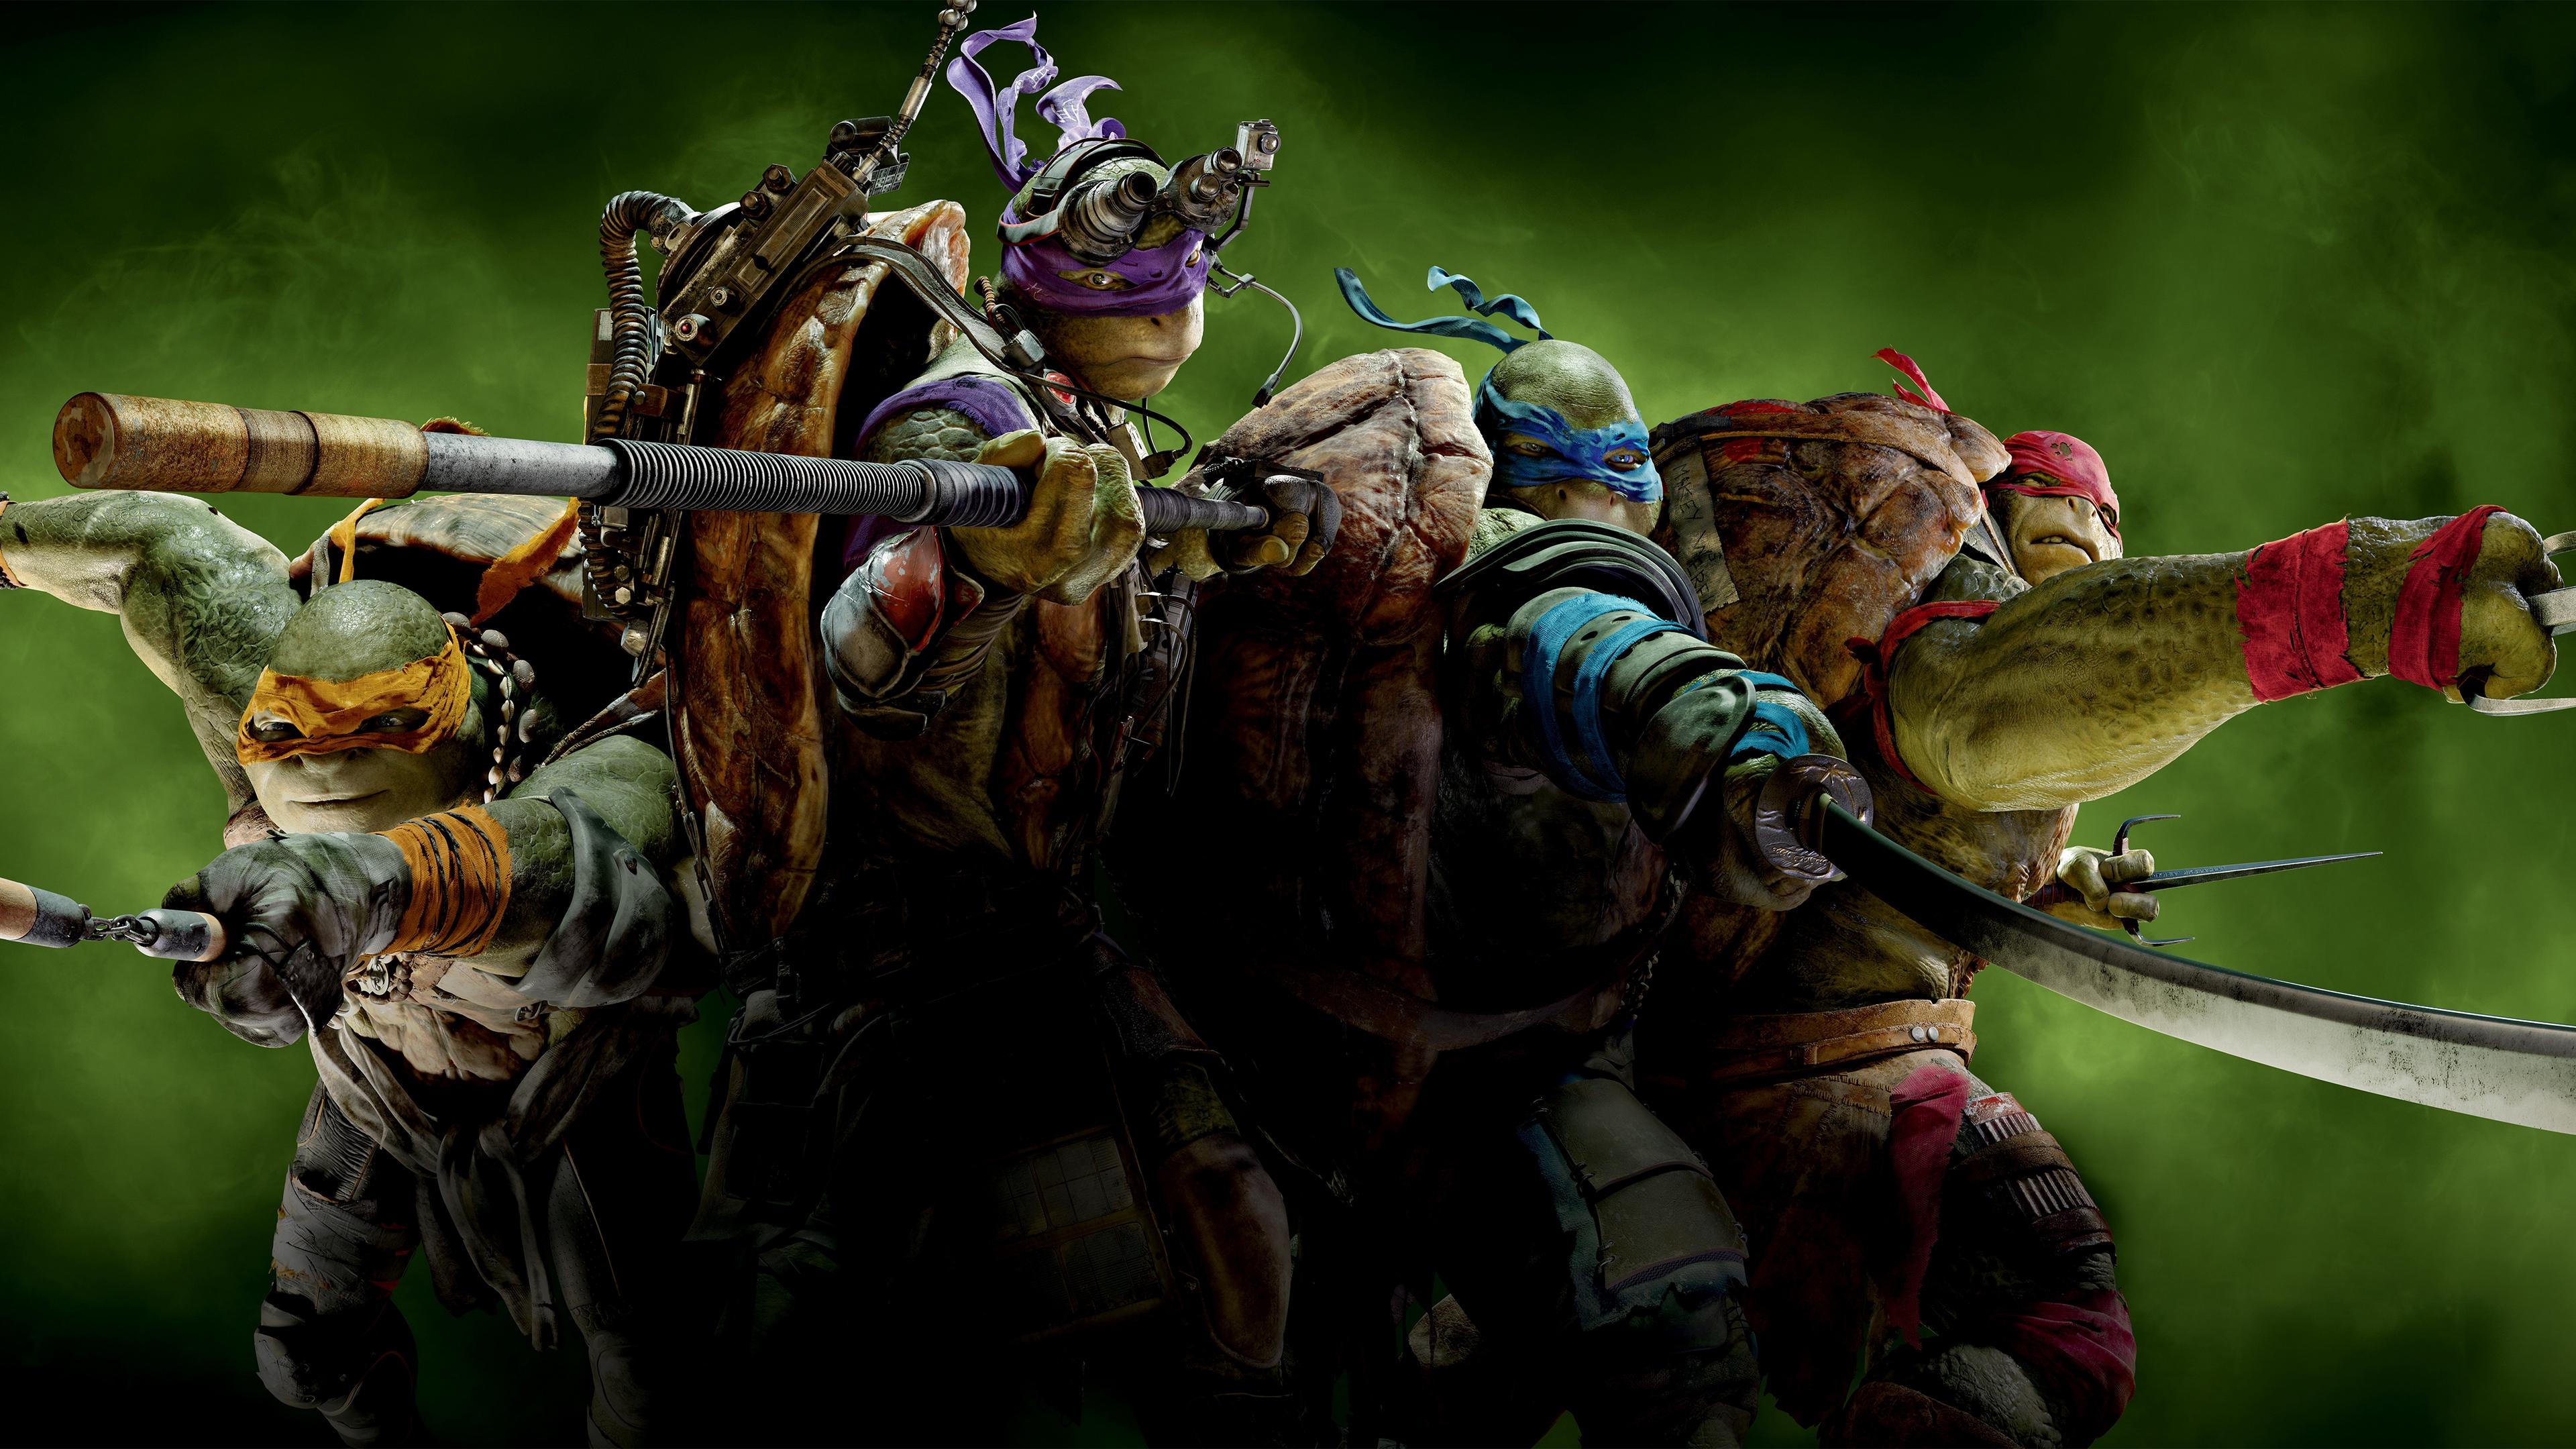 teenage mutant ninja turtles raphael michelangelo leonardo donatello 4k 1539368165 - teenage mutant ninja turtles, raphael, michelangelo, leonardo, donatello 4k - teenage mutant ninja turtles, raphael, michelangelo